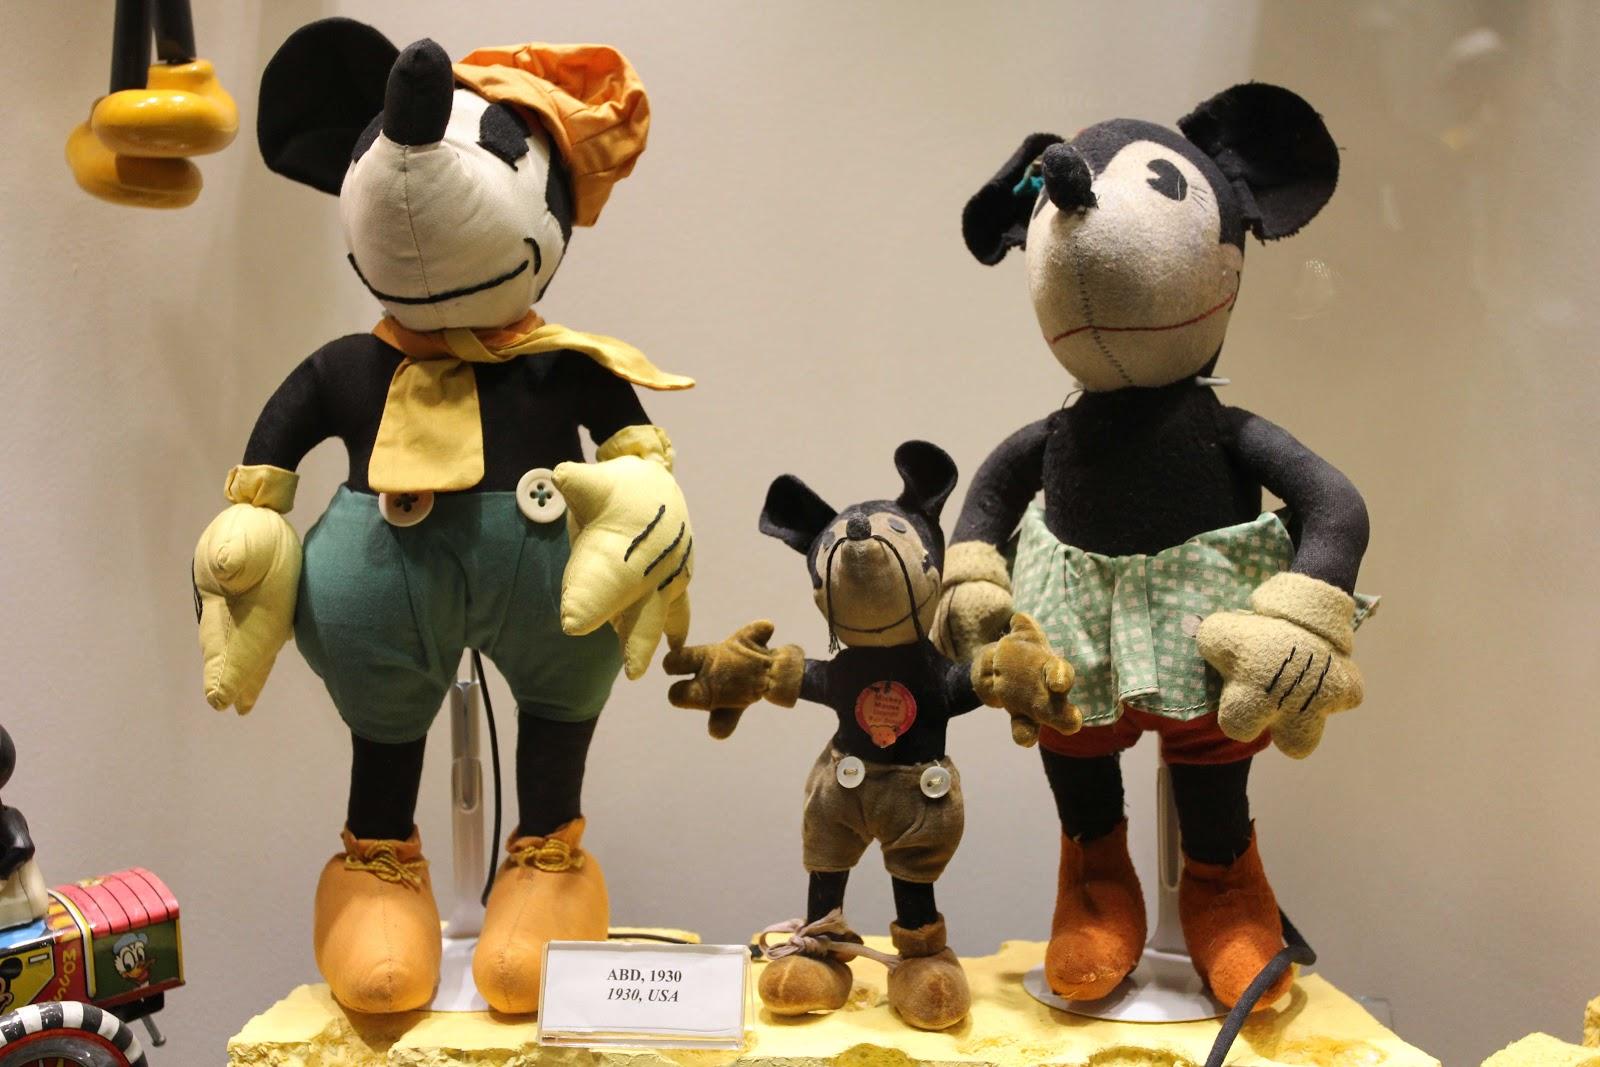 İlk Mickey Mouse Oyuncağı Türkiye'de 85